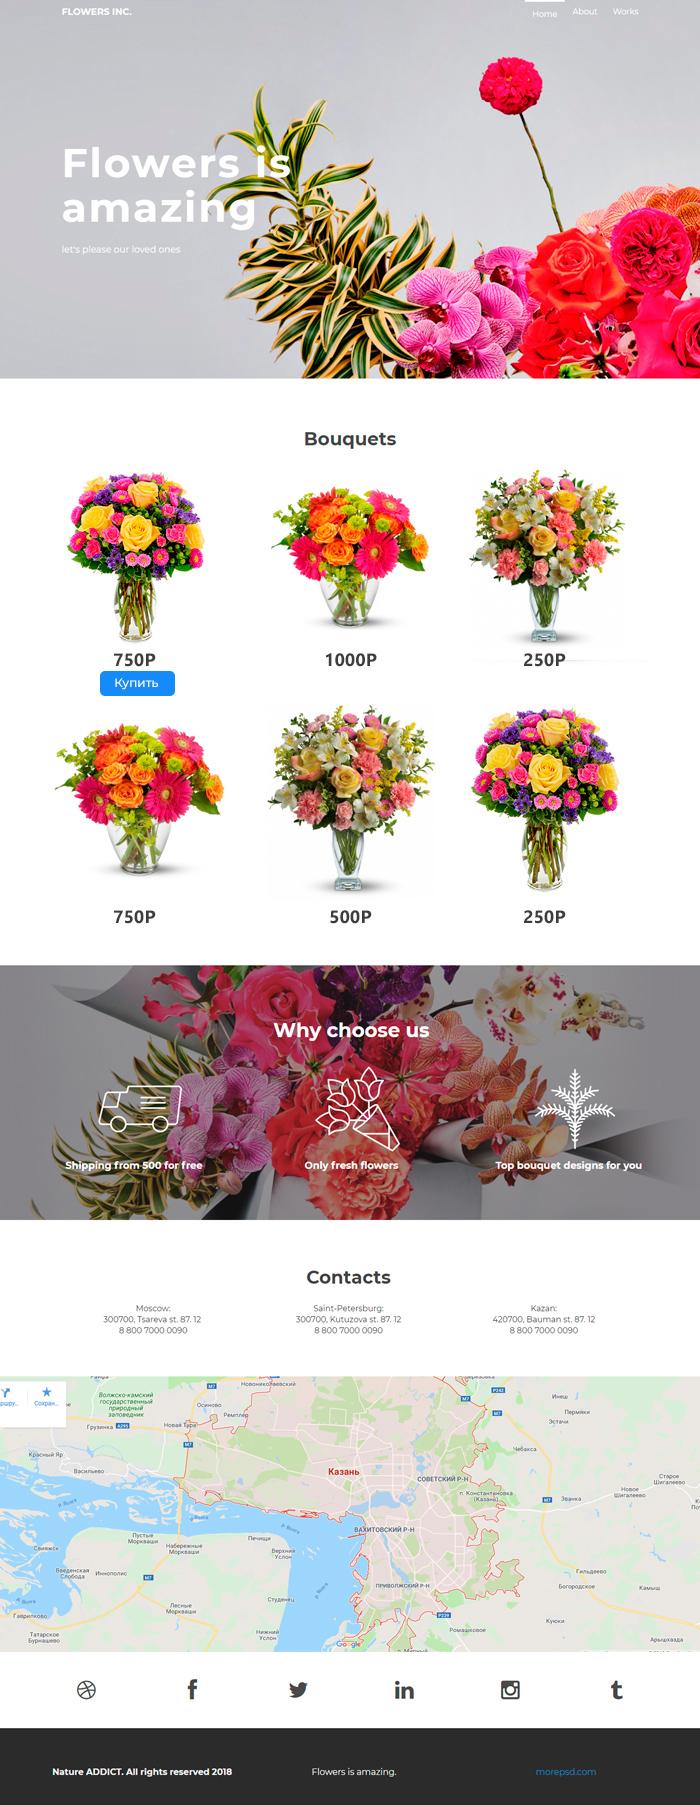 лендинг пейдж магазина цветов бесплатно скачать html landing free